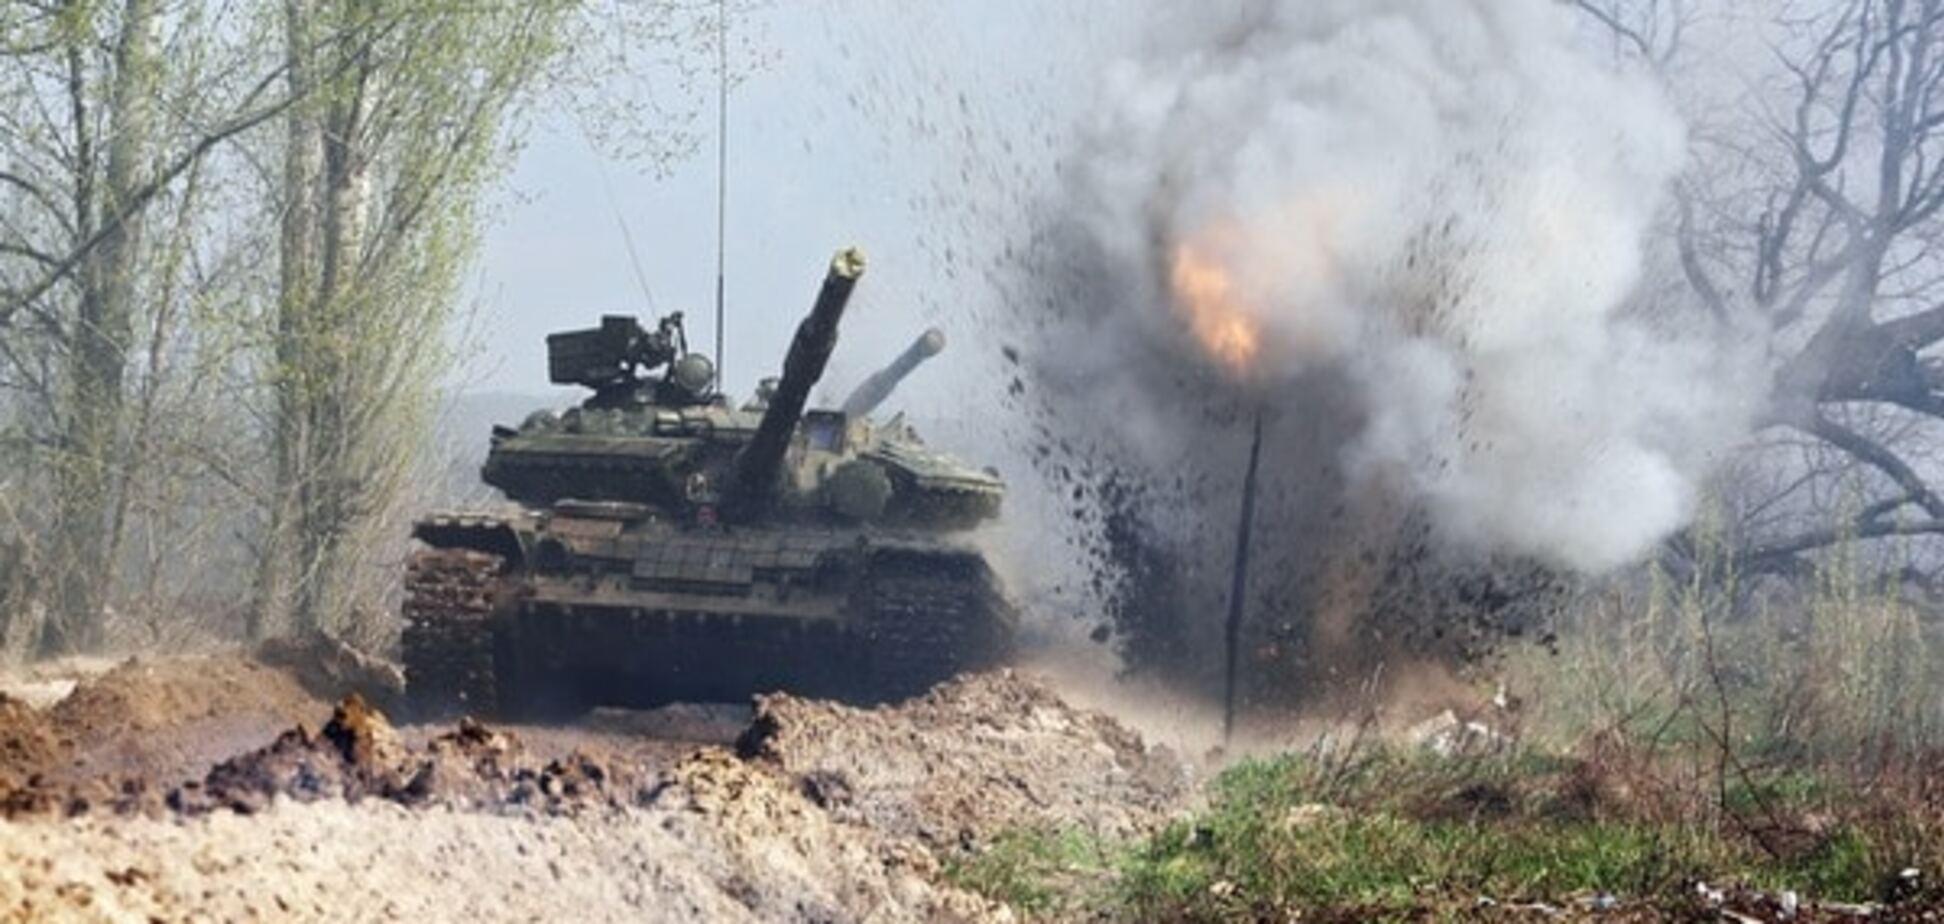 Терористи готують наступ на Новоайдарському напрямку - ГУР